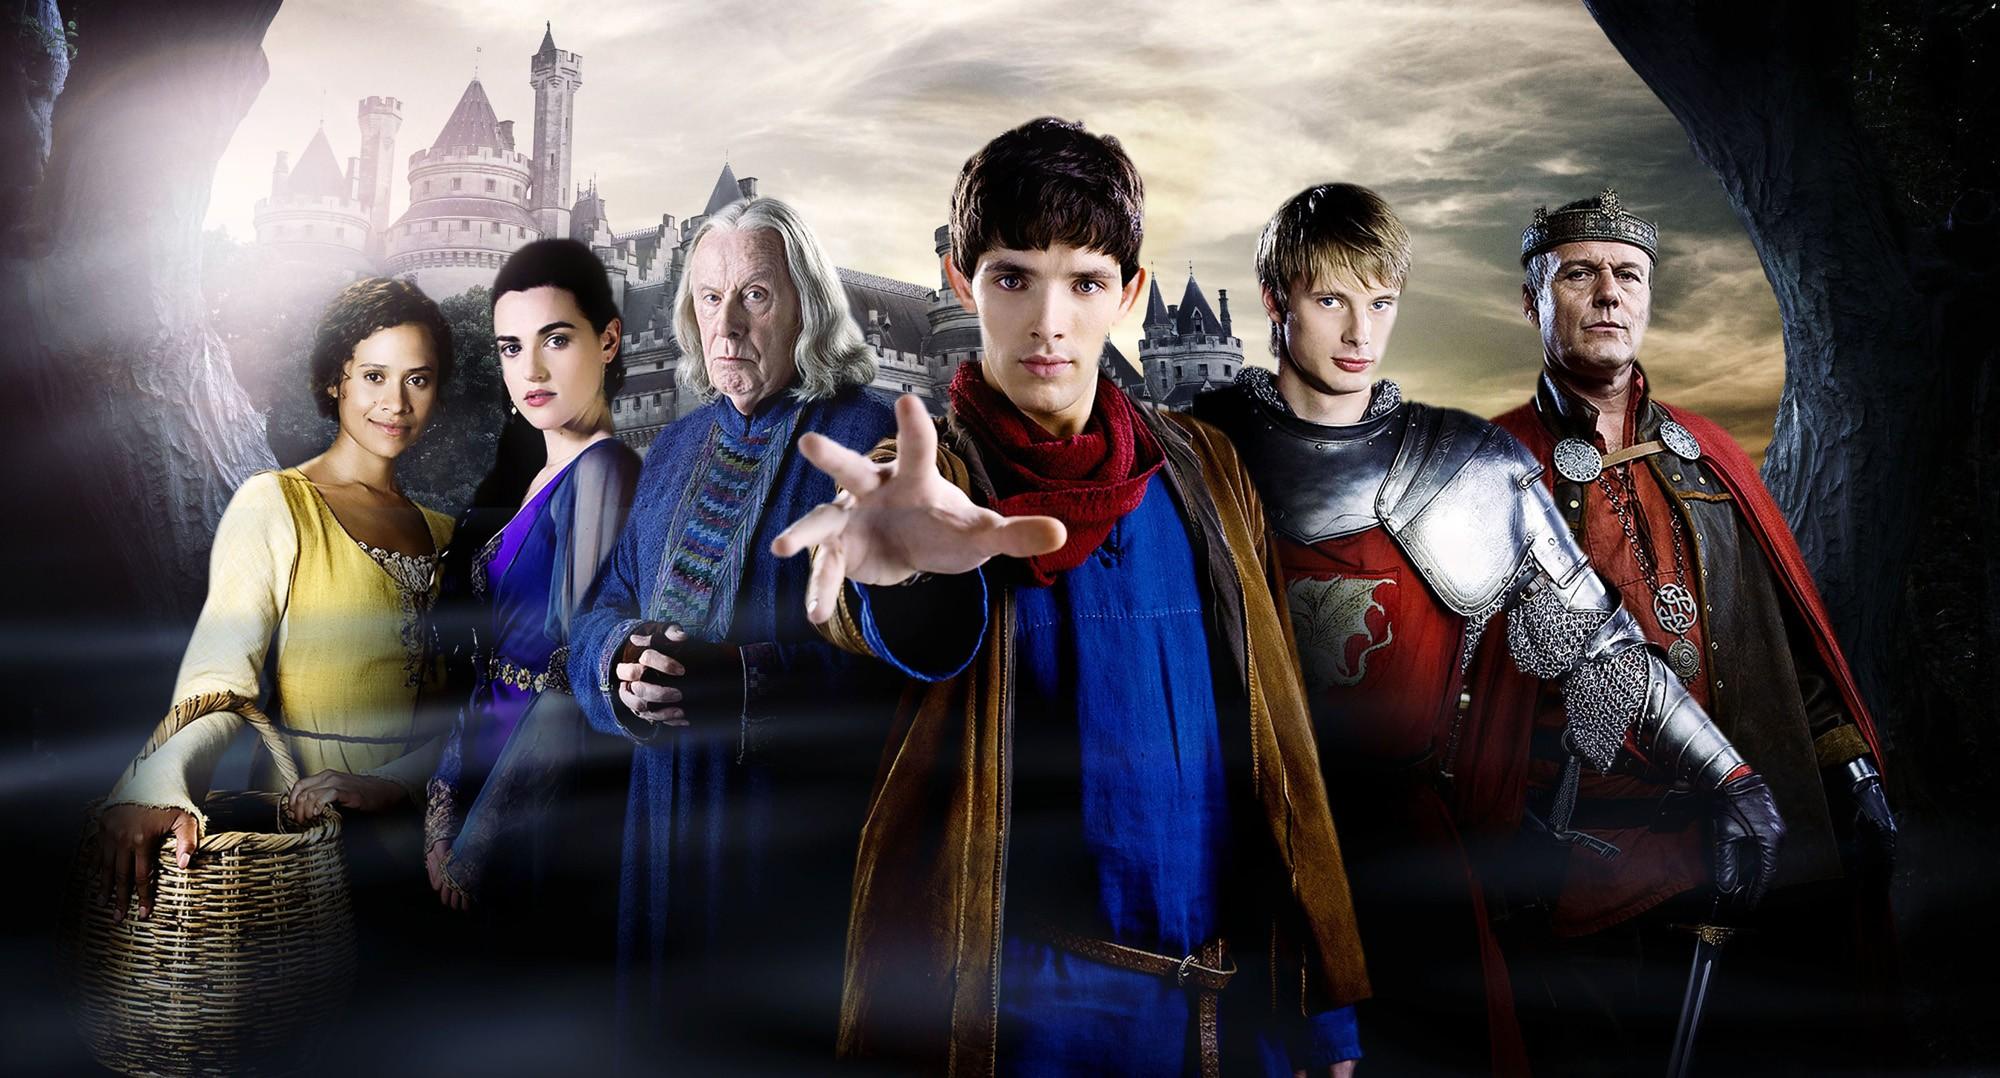 Personnages de la série Merlin